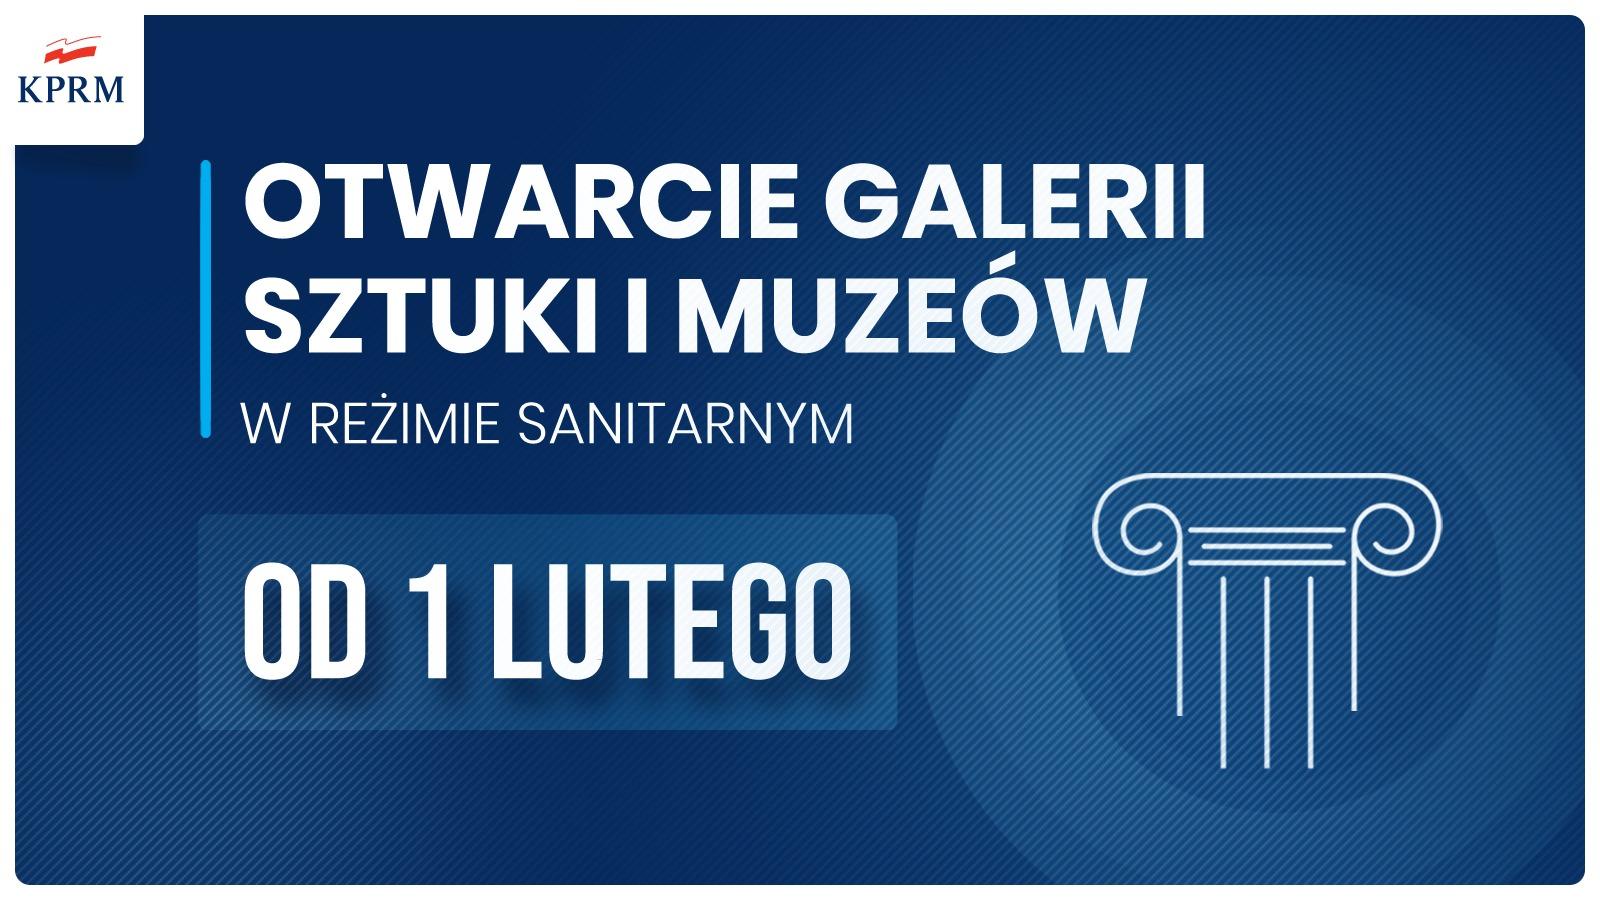 minister zdrowia Niedzielski konferencja prasowa obostrzenia galerie sztuki i muzea